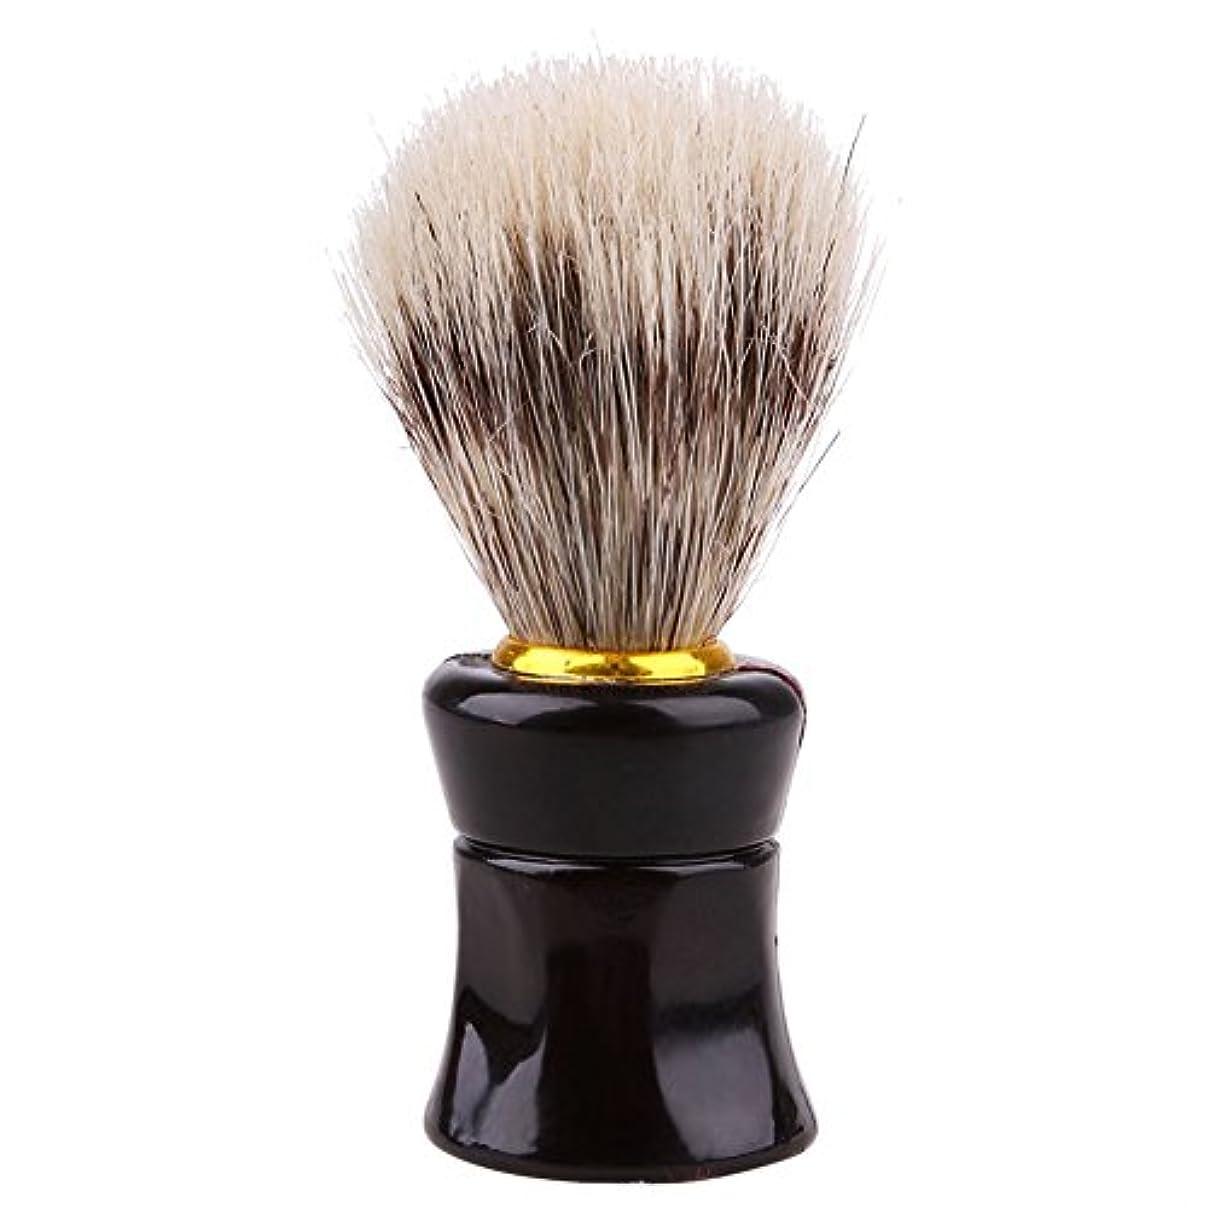 豊富に真剣にパット男性、かわいい、ひげブラシ、シェーバーブラシ、便利、実用的、美容ツール、シェービングツール、黒